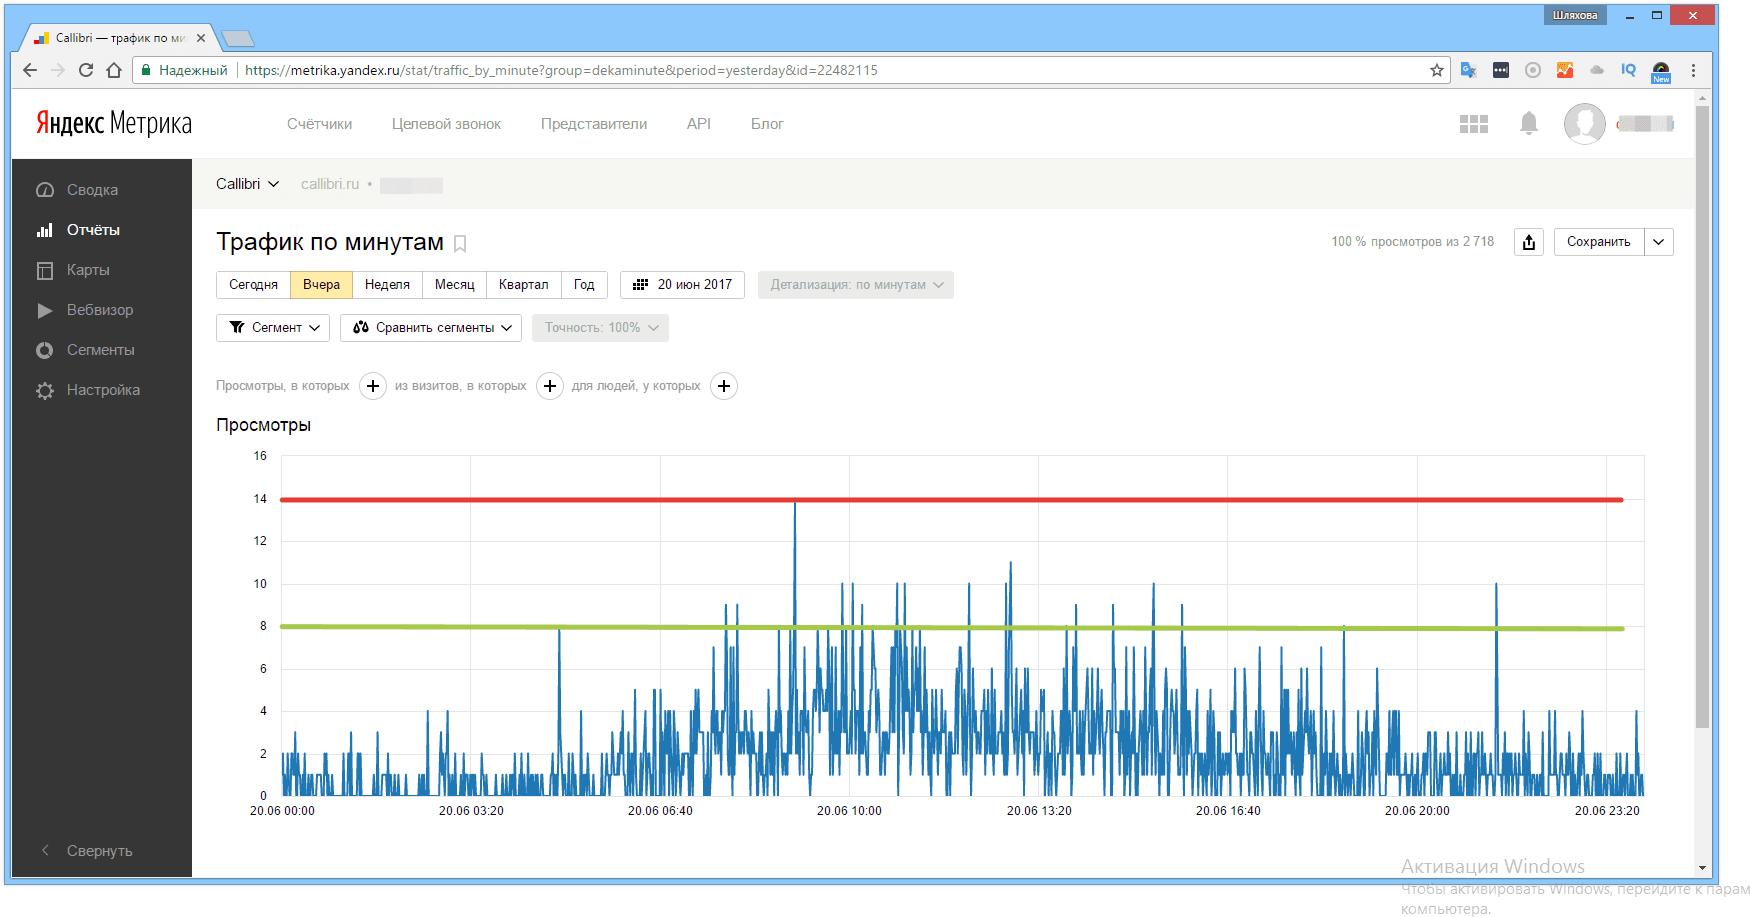 Метрика Отчет Трафик по минутам среднее и пиковое значение.png